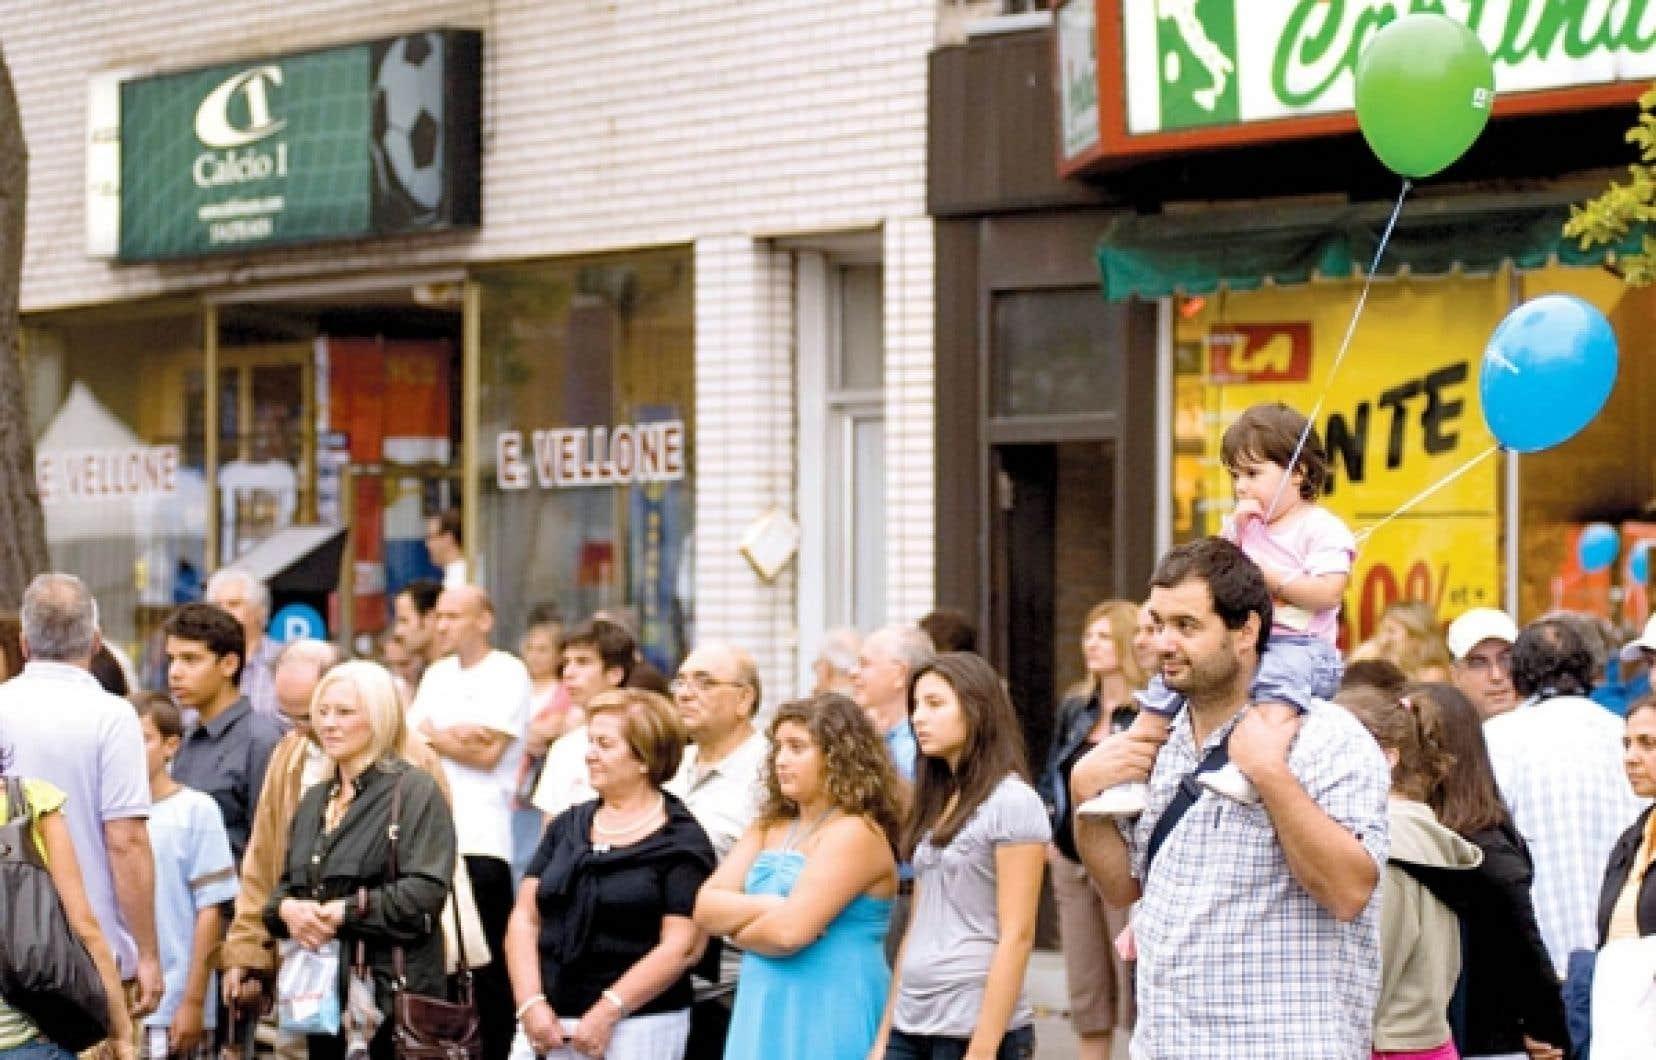 La notion même de communauté italienne devient de plus en plus inapplicable dans l'espace montréalais. Leur identité se décline désormais dans toutes les nuances du métissage. <br />